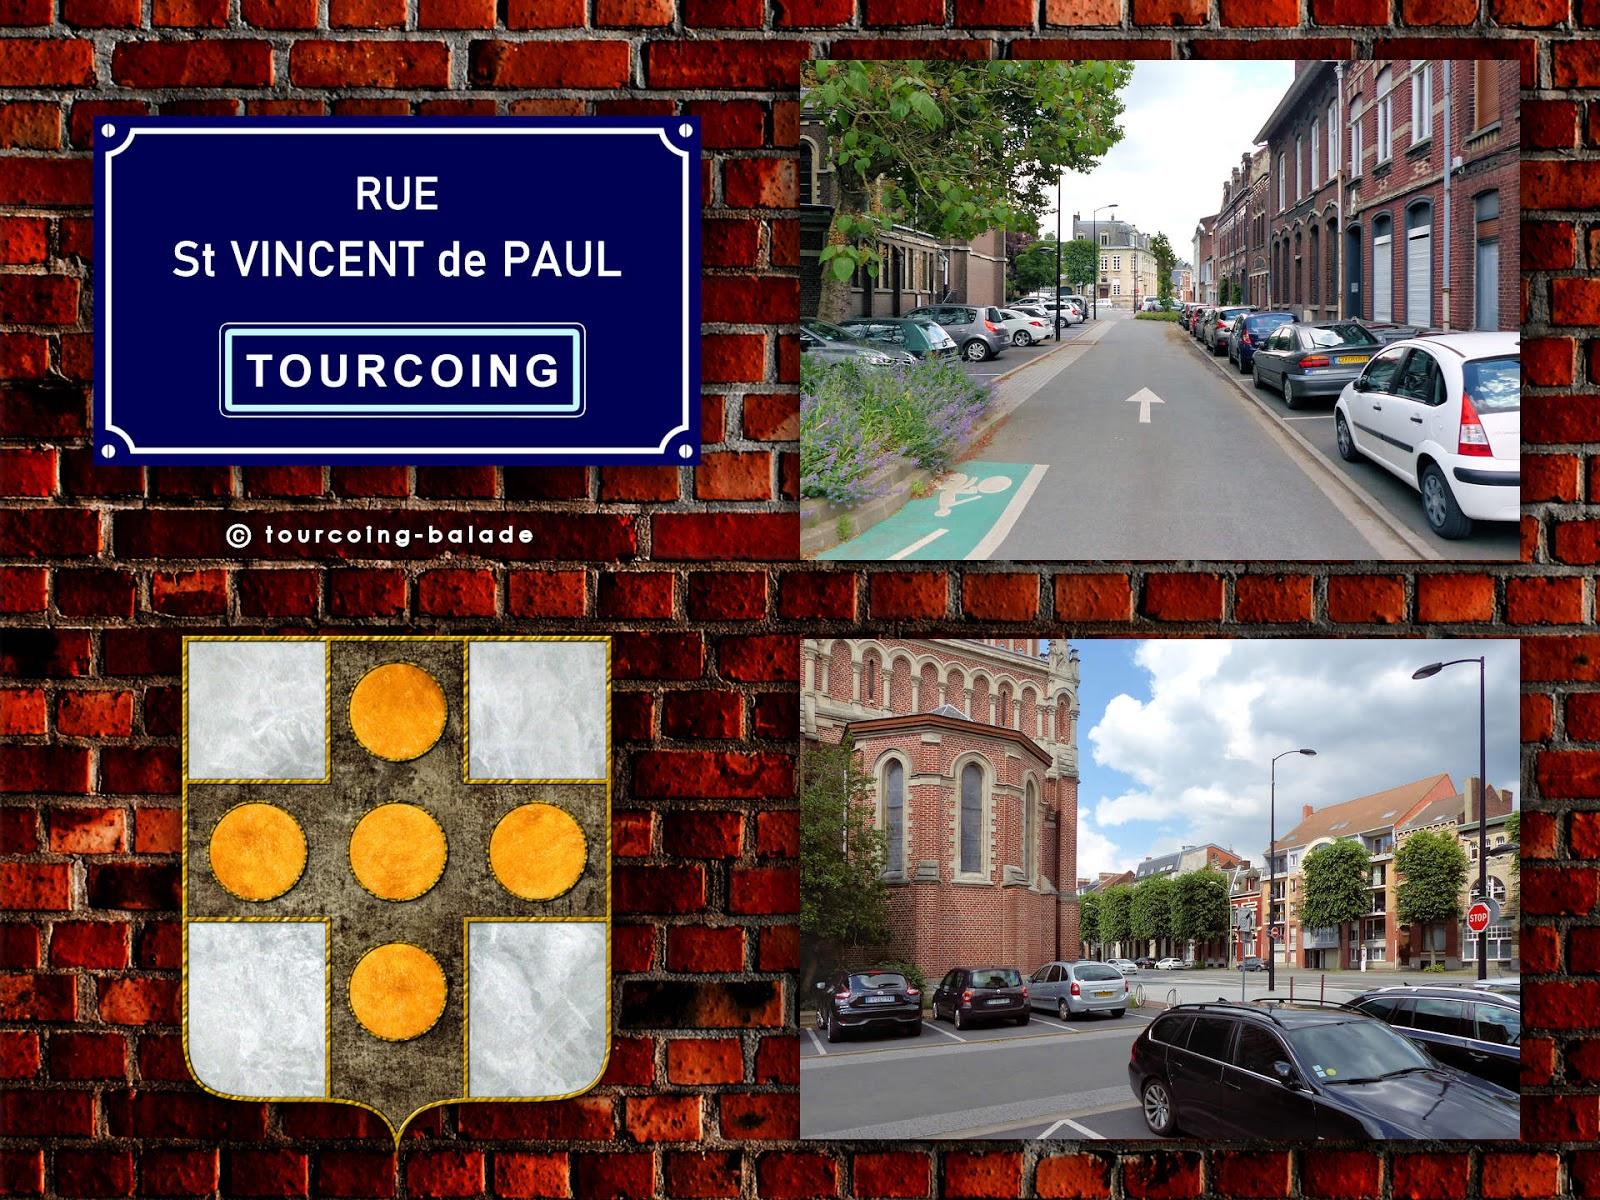 Rues de Tourcoing - Saint Vincent de Paul